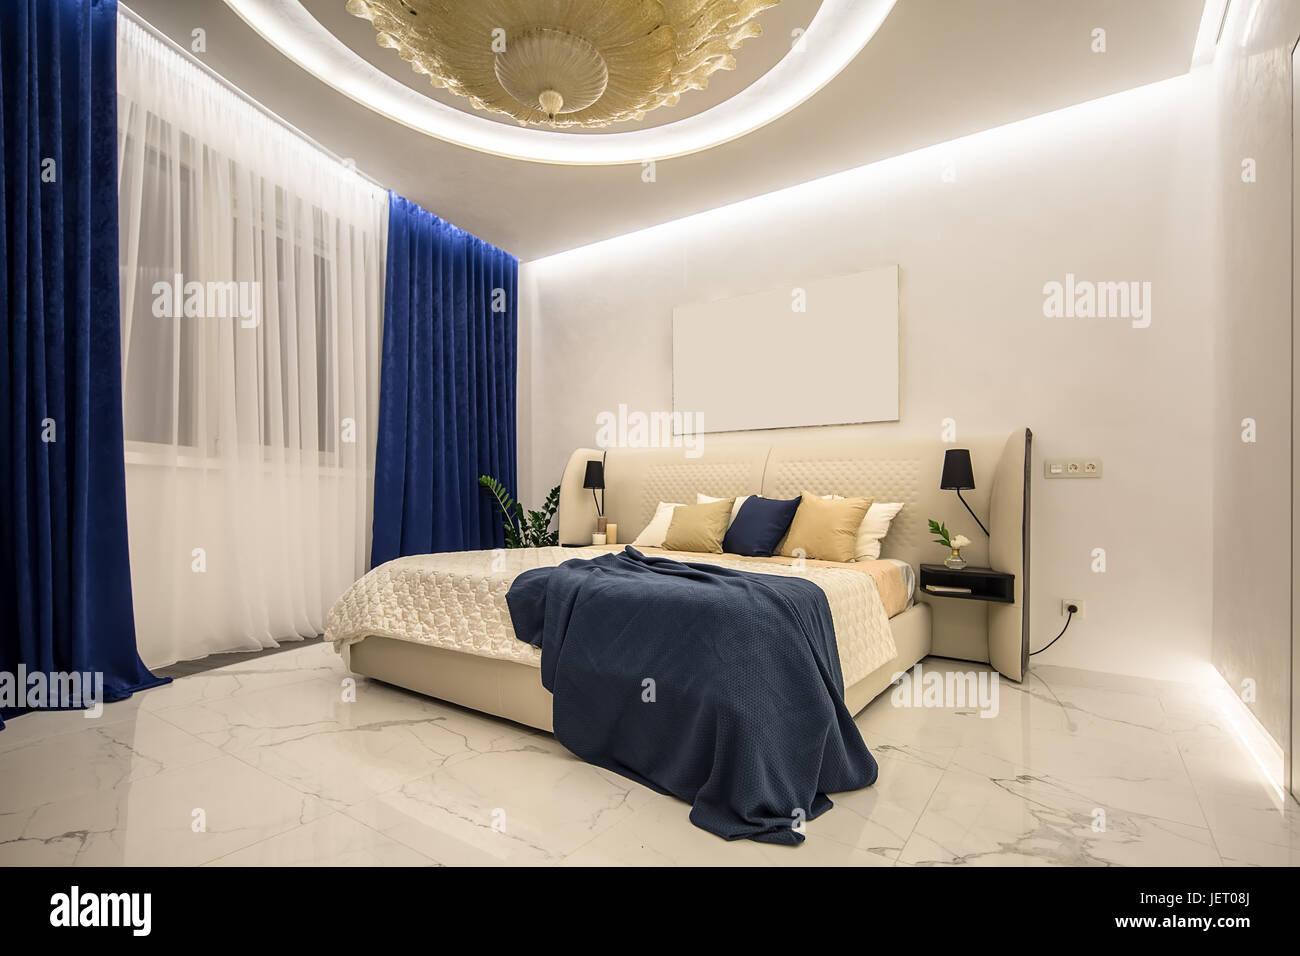 Beleuchtete Moderne Schlafzimmer Mit Einem Großen Phantasie Goldene  Kronleuchter An Der Decke. Es Ist Ein Beige Bett Mit Bunten Kissen Und Eine  Blaue Plaid, ...